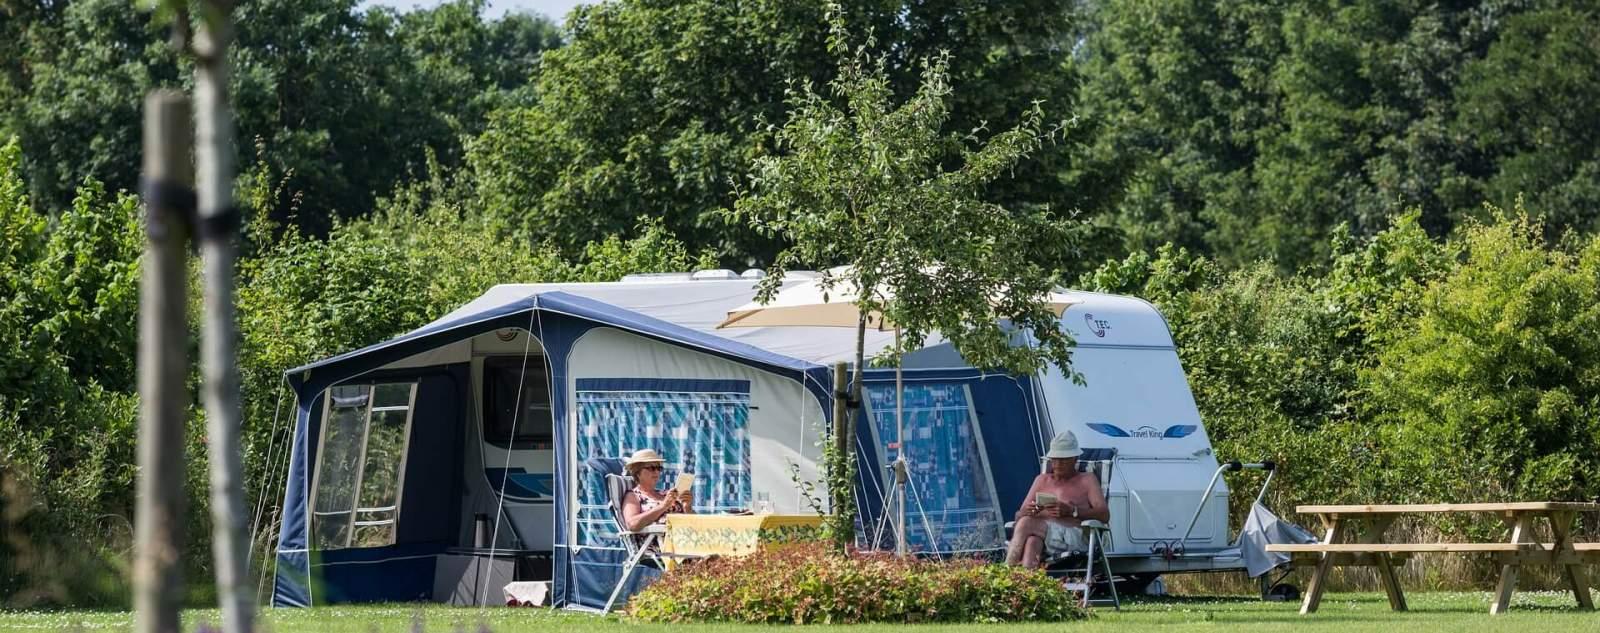 camping familial avec une tente et un plan de lavande